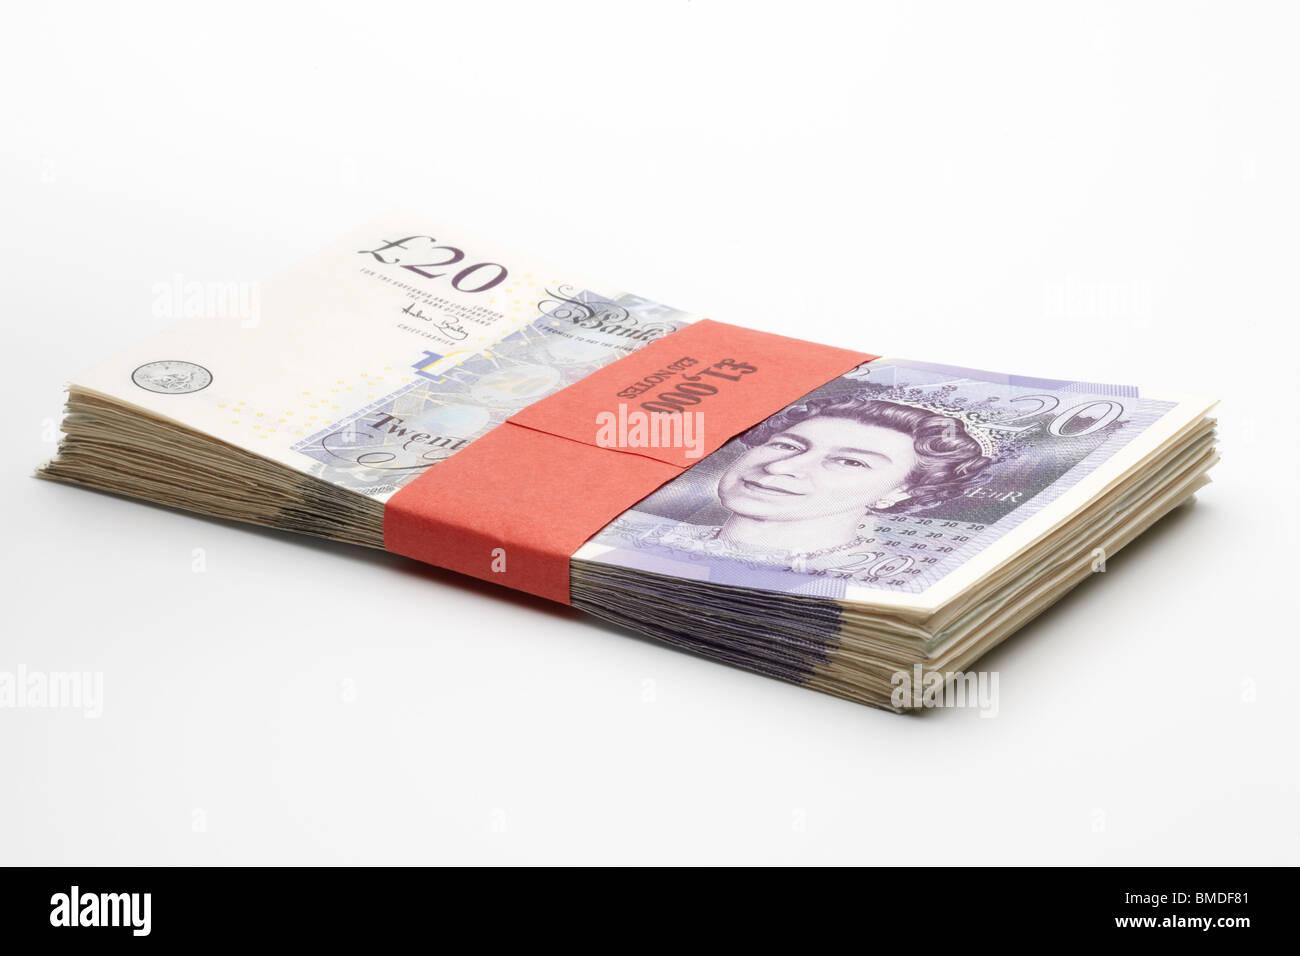 One Thousand Pound Bundle in Twenty Pound Notes Stock Photo